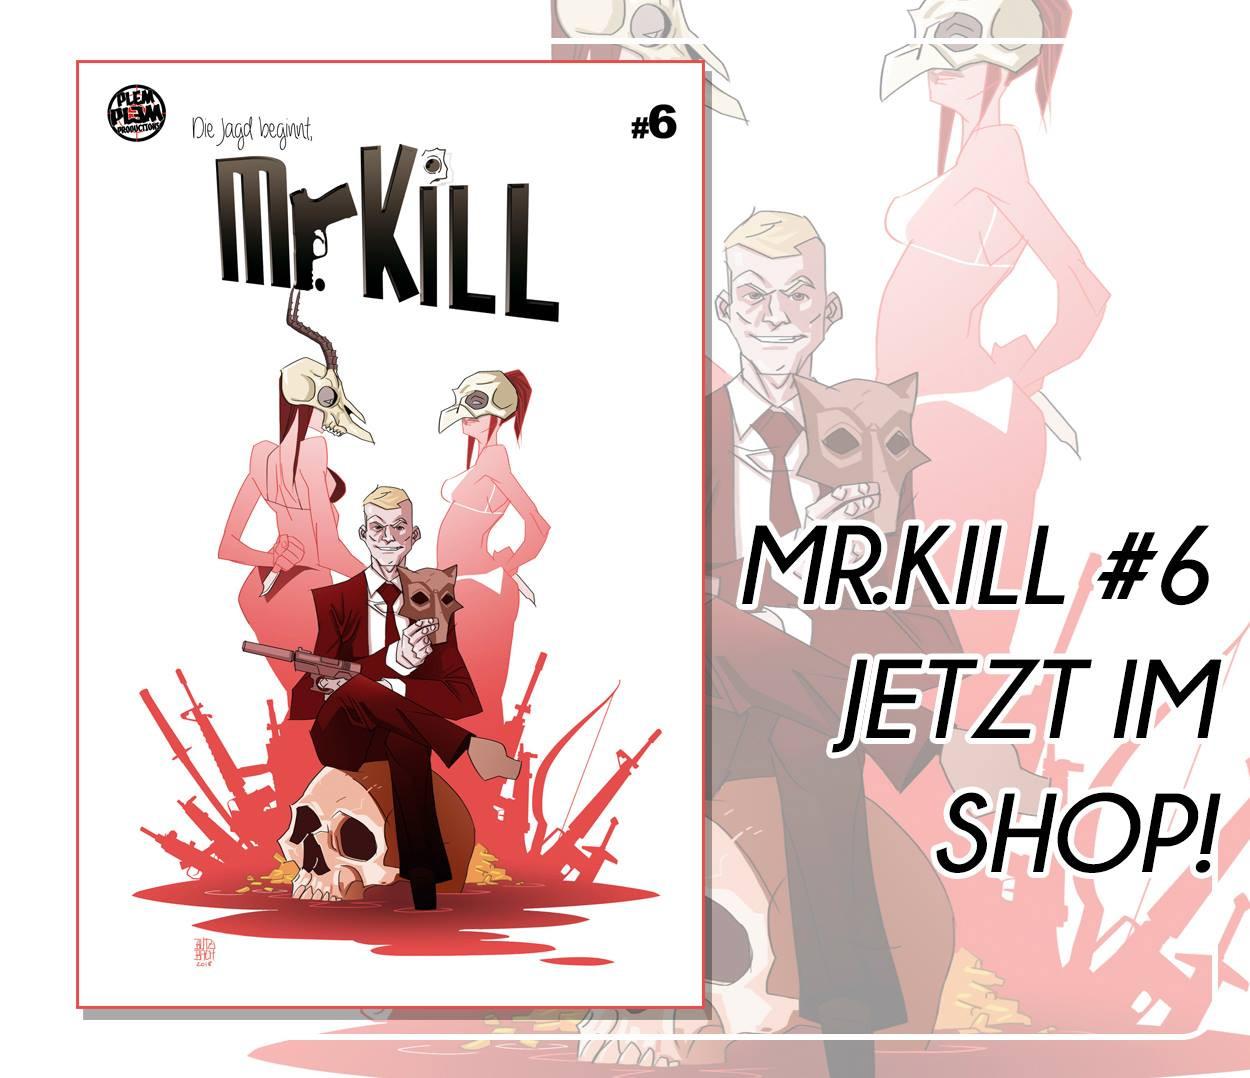 Mr. Kill 6